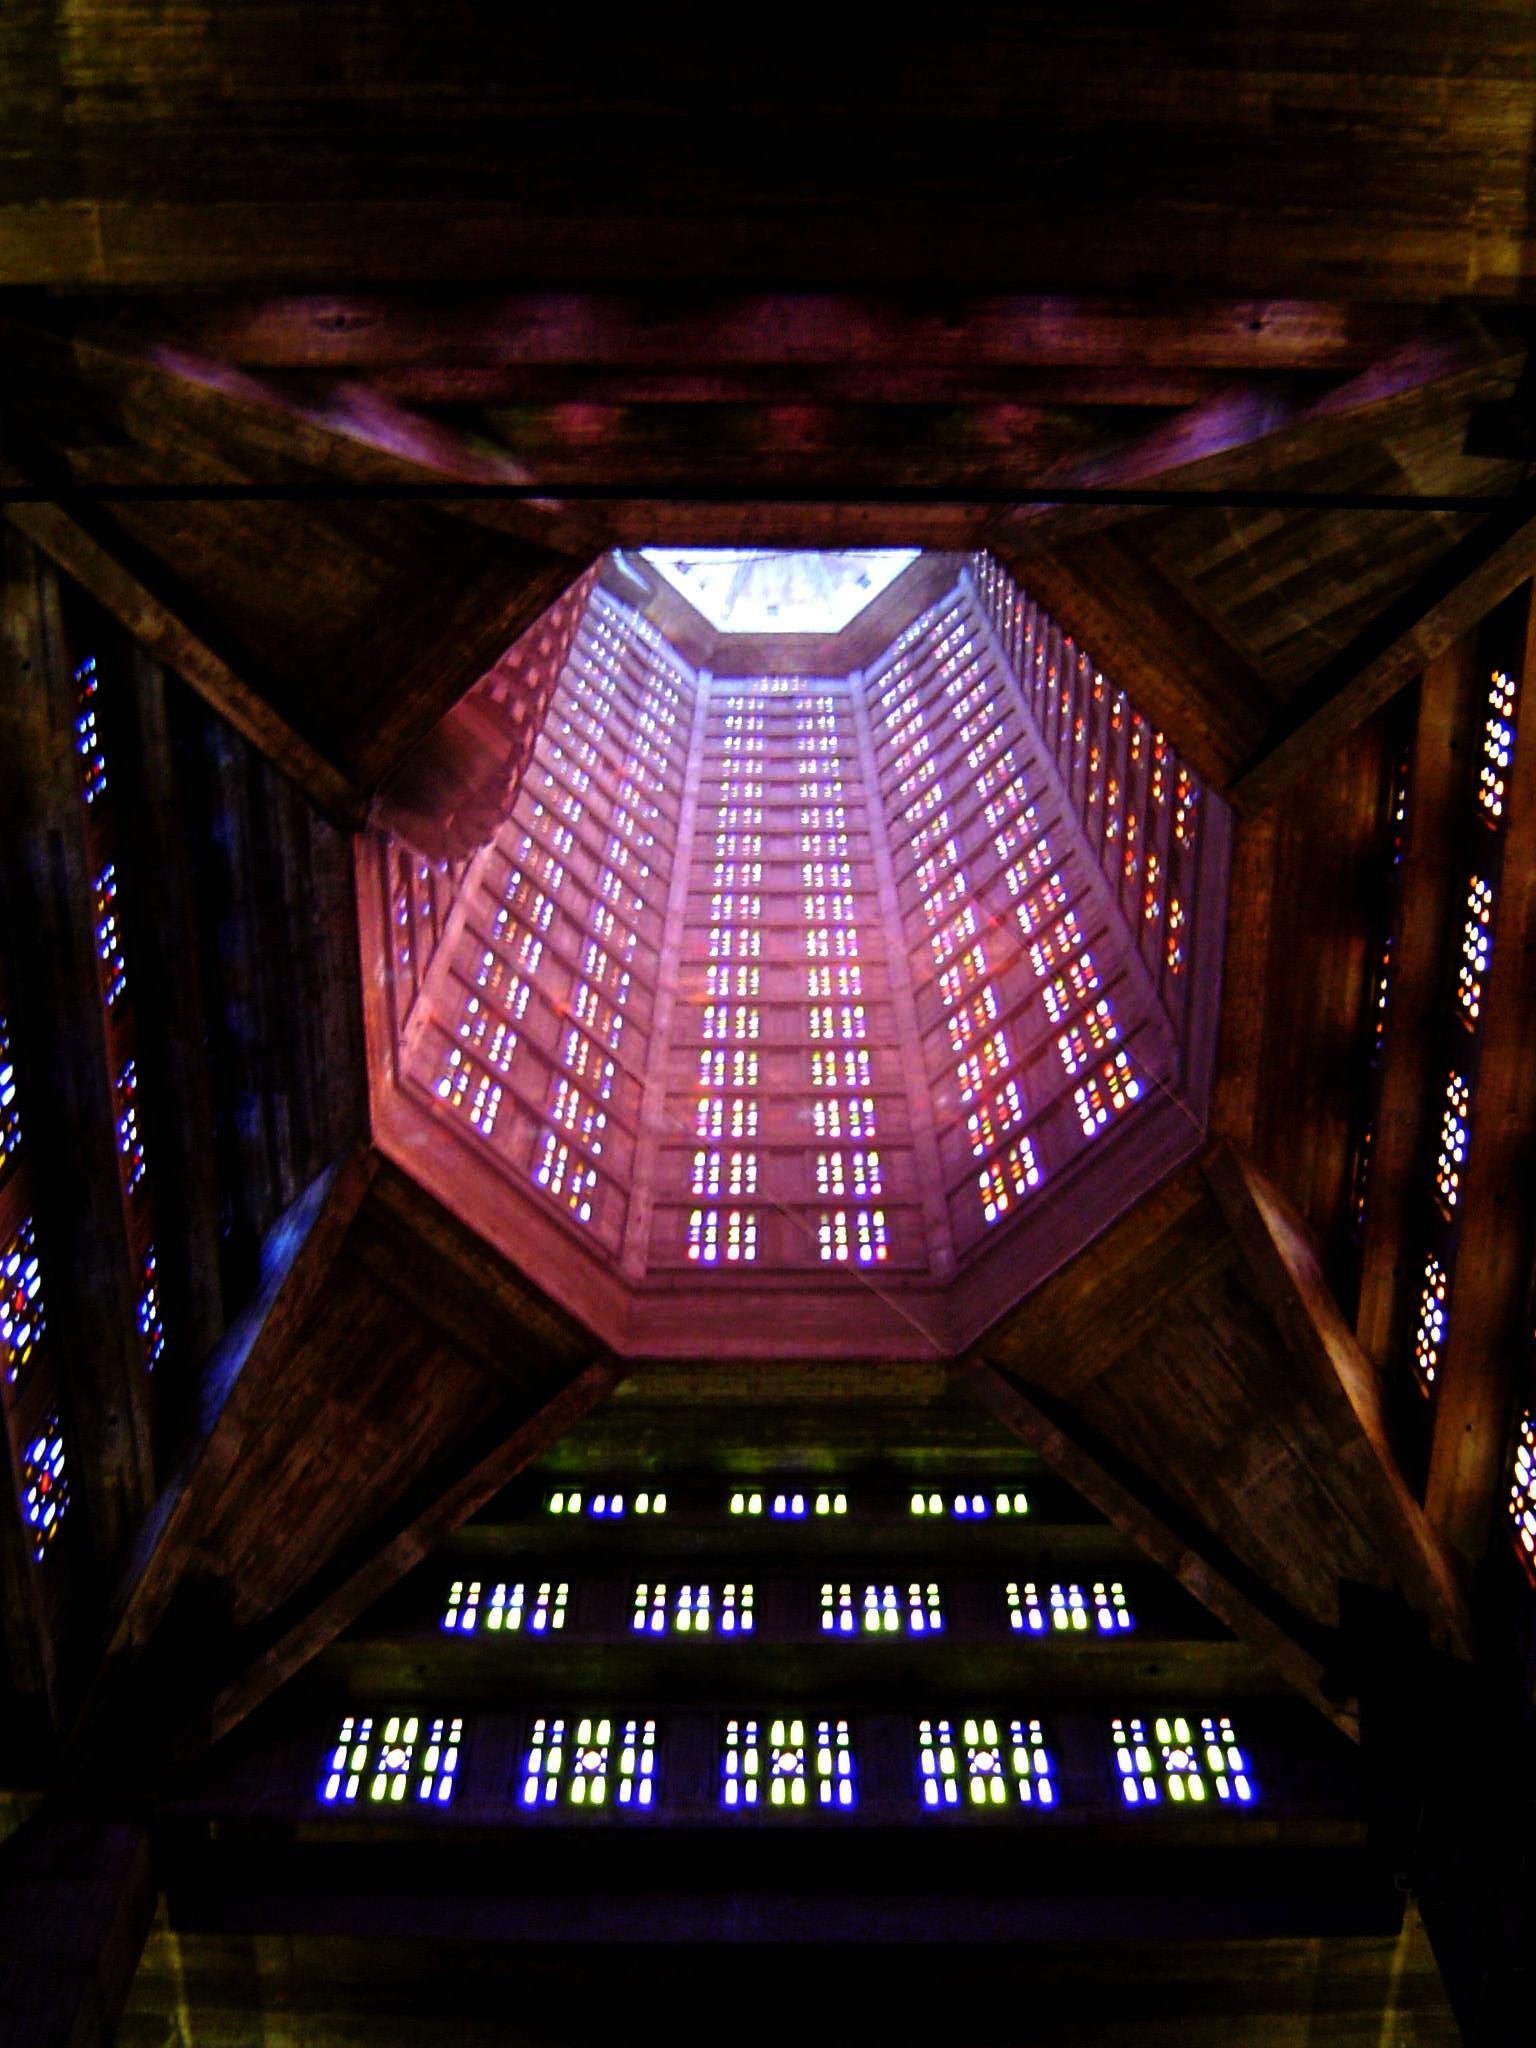 Tour Lanterne & ses 12 768 pièces de verre...